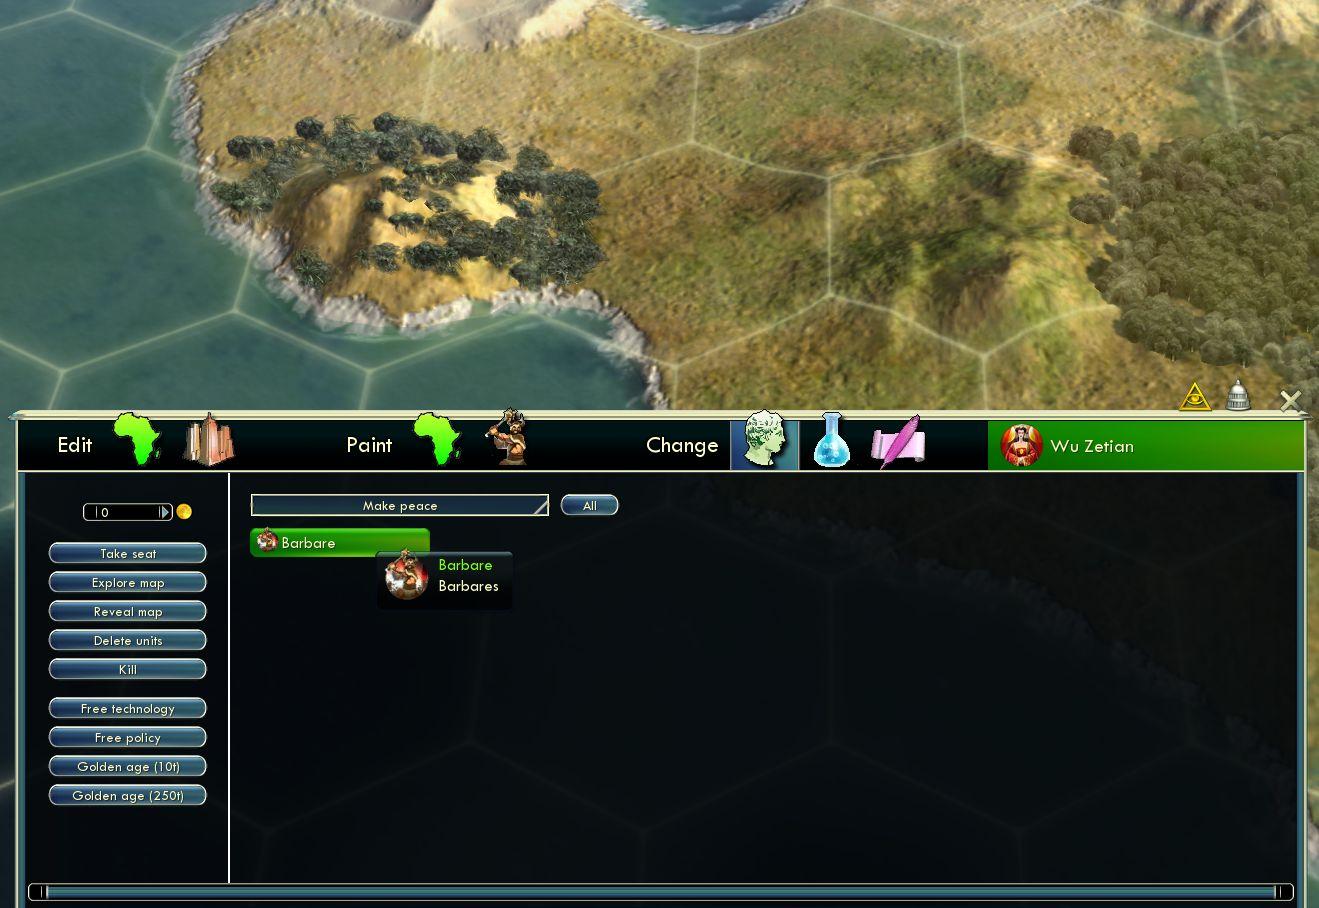 Steam Workshop :: Ingame Editor on civ 5 cover, civ 5 huge maps, civ 5 world builder, civ 5 options, civ 5 custom maps, civ 5 gameplay, civ 5 mods, civ 5 terra maps, civ 5 archipelago, civ 5 funny, civ 5 demo, civ 5 multiplayer, civ 5 mini maps, civ 5 hitler, civ 5 tech tree, civ 5 cheats, civ 5 washington, civ 5 screenshots, civ 5 icons, civ 5 gandhi,